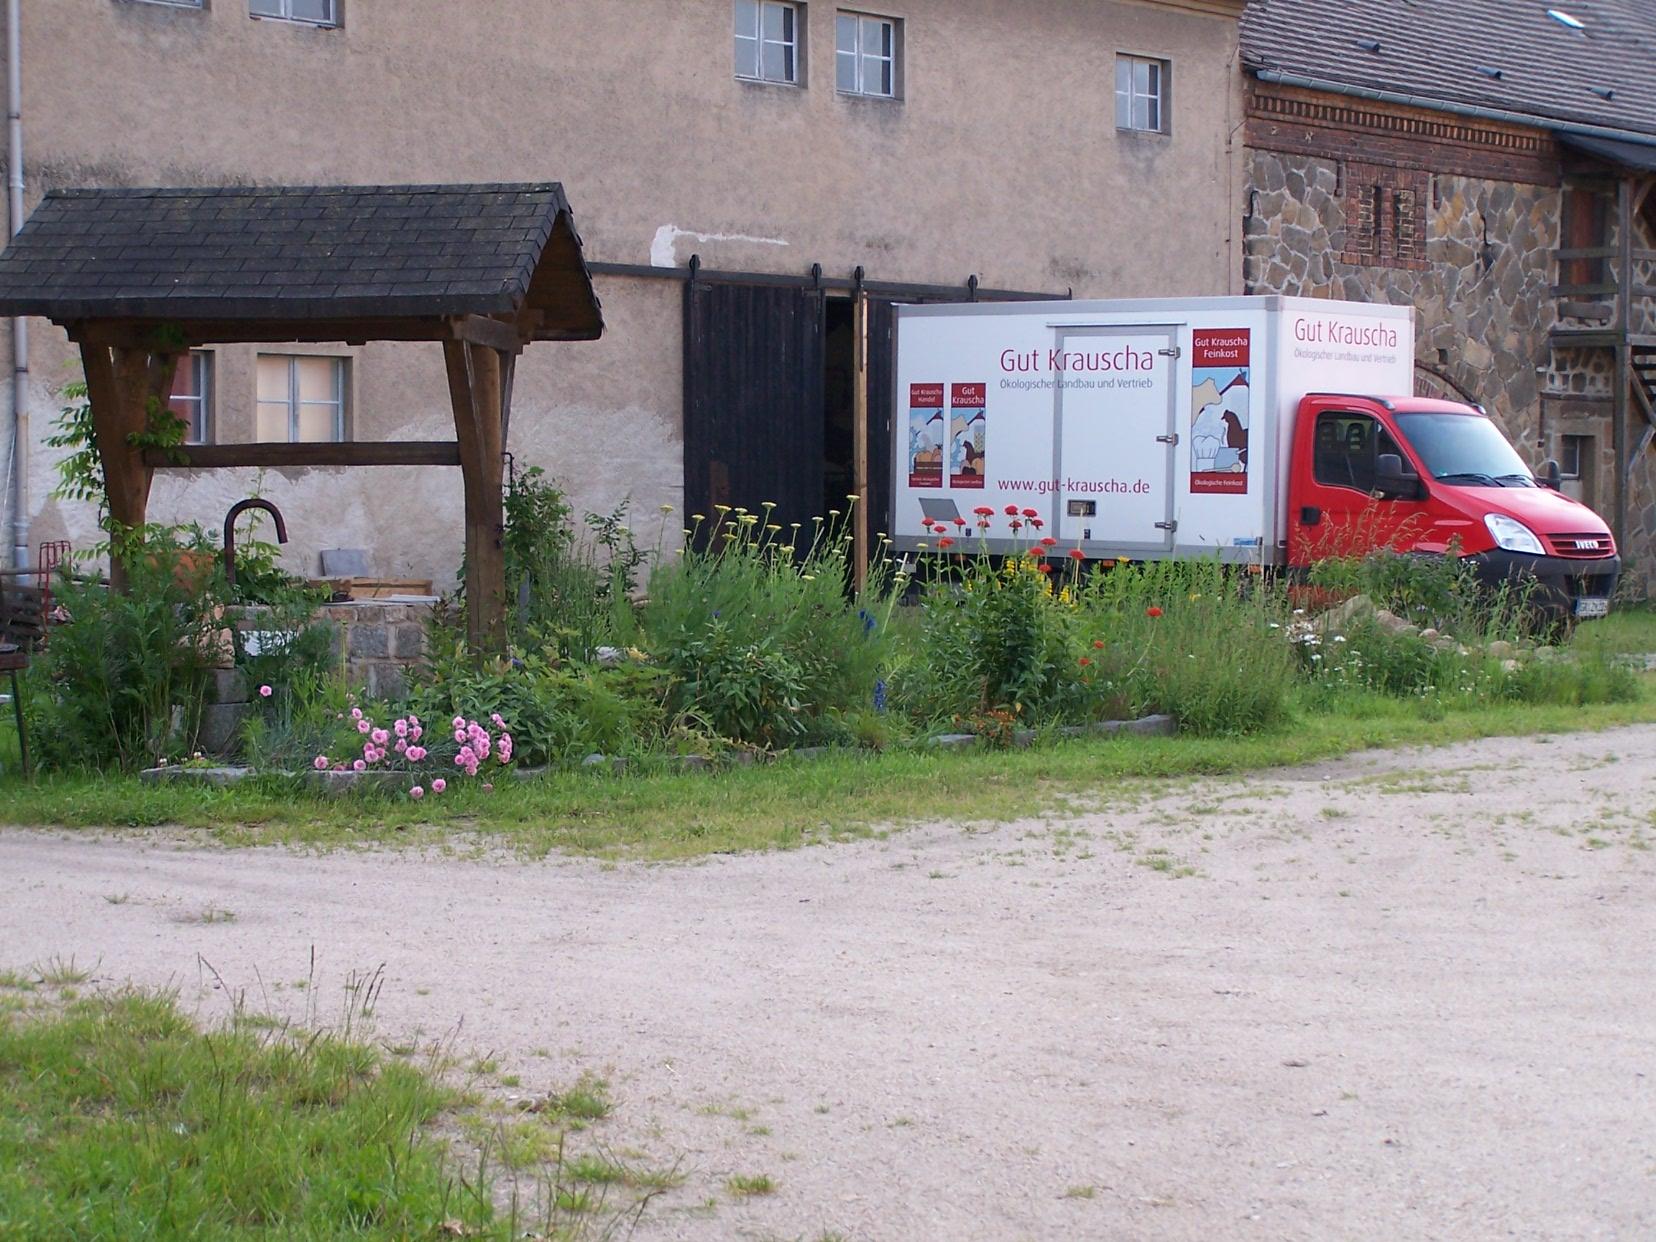 Lieferwagen von Gut Krauscha fährt von Hof ab